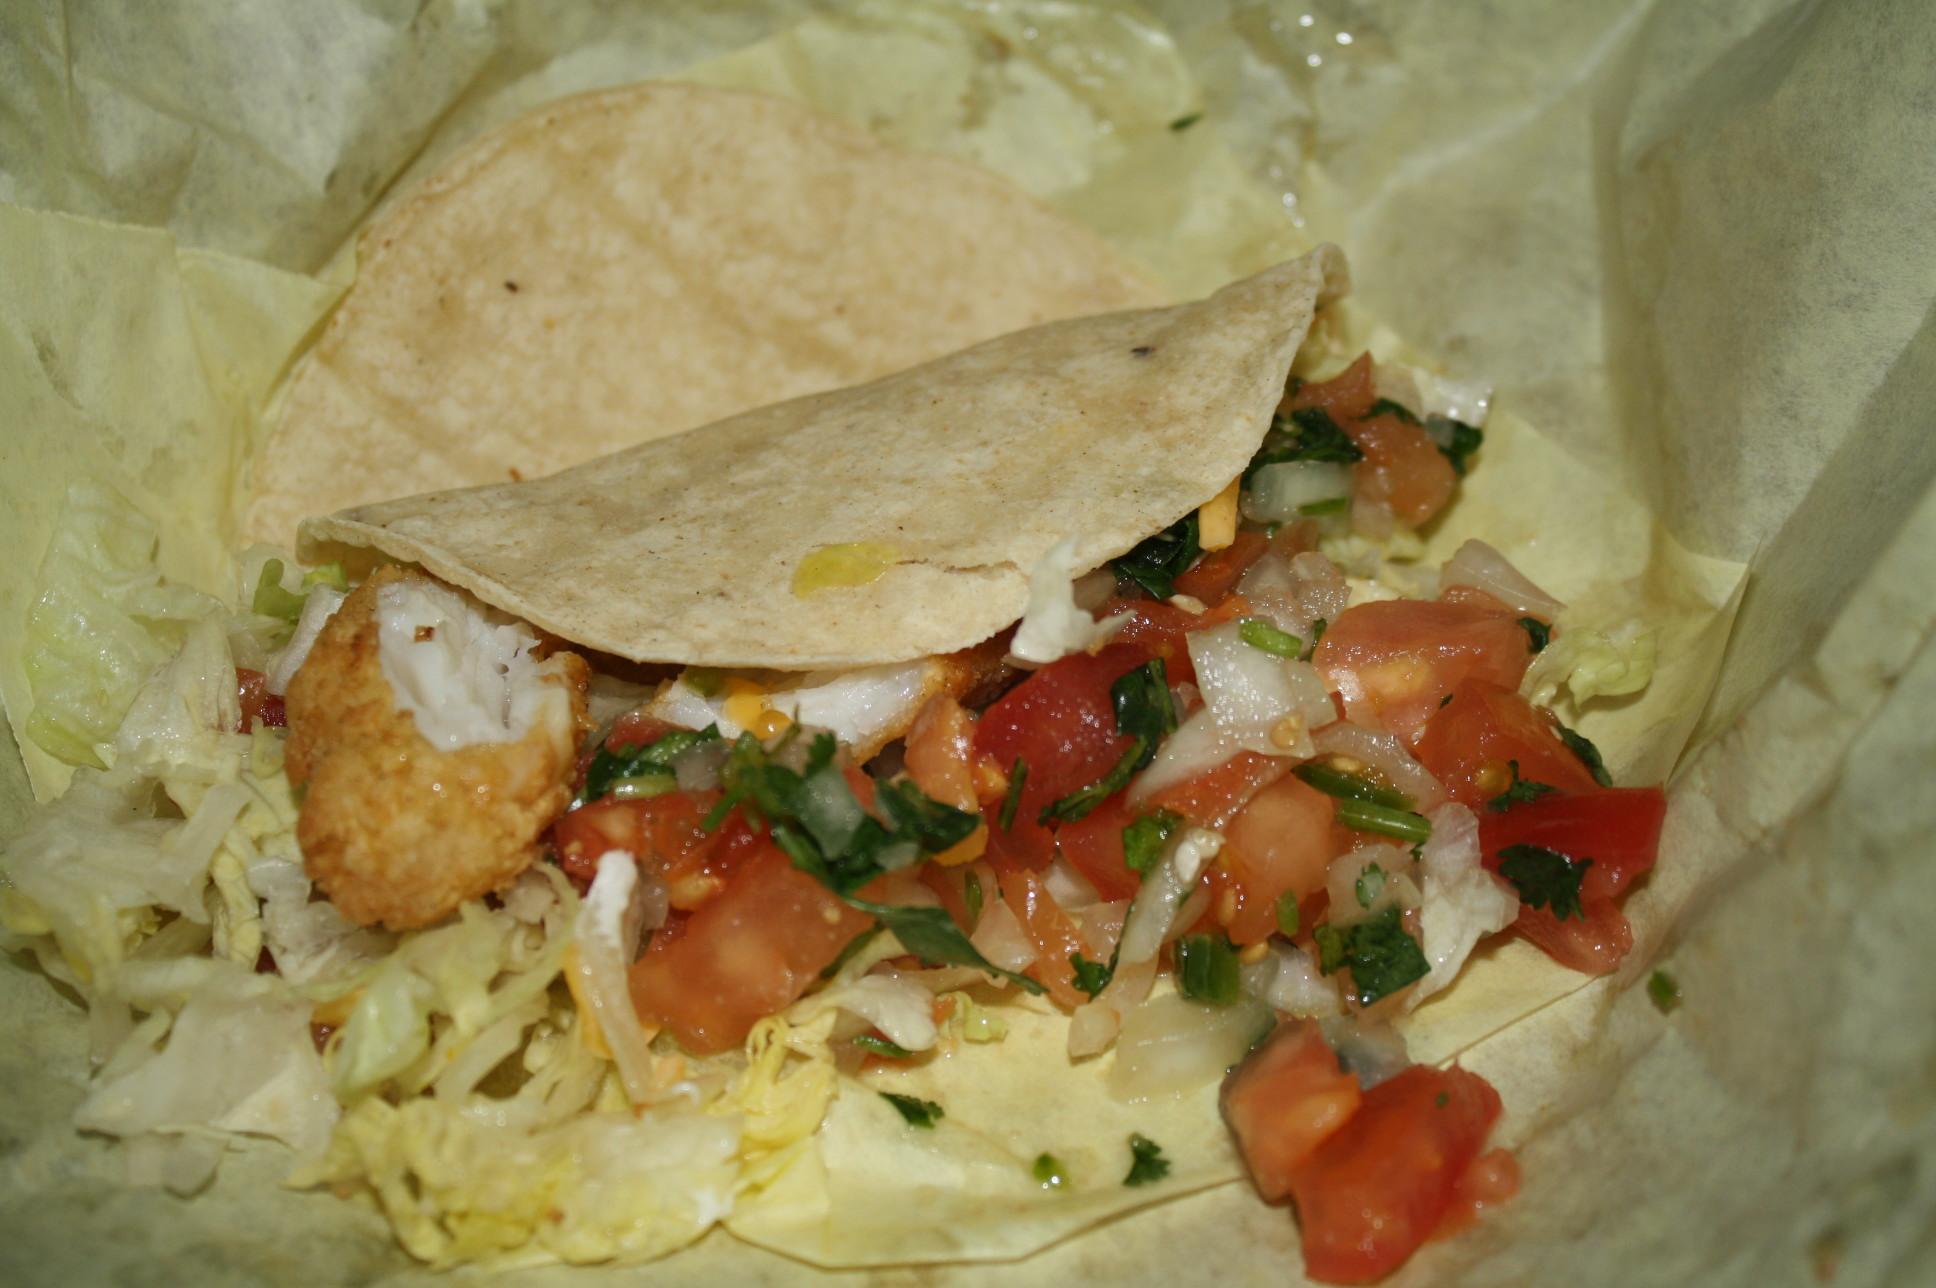 Taco de pescado en el restaurante The Original Chano's. (Foto Agustín Durán/El Pasajero).